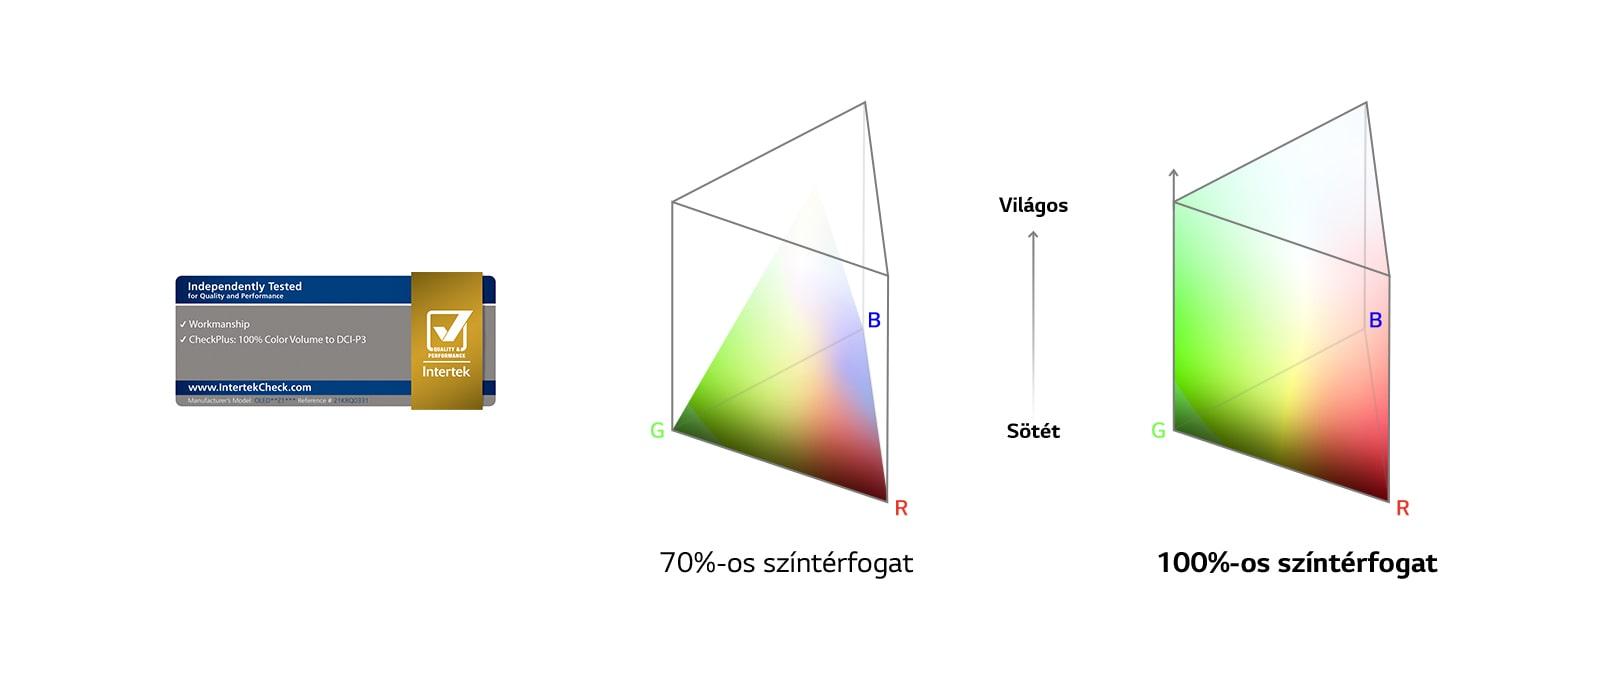 Az Intertek által tanúsított 100%-os színtérfogat logója. A 70%-os és a 100%-os színtérfogat összehasonlítási grafikonja.